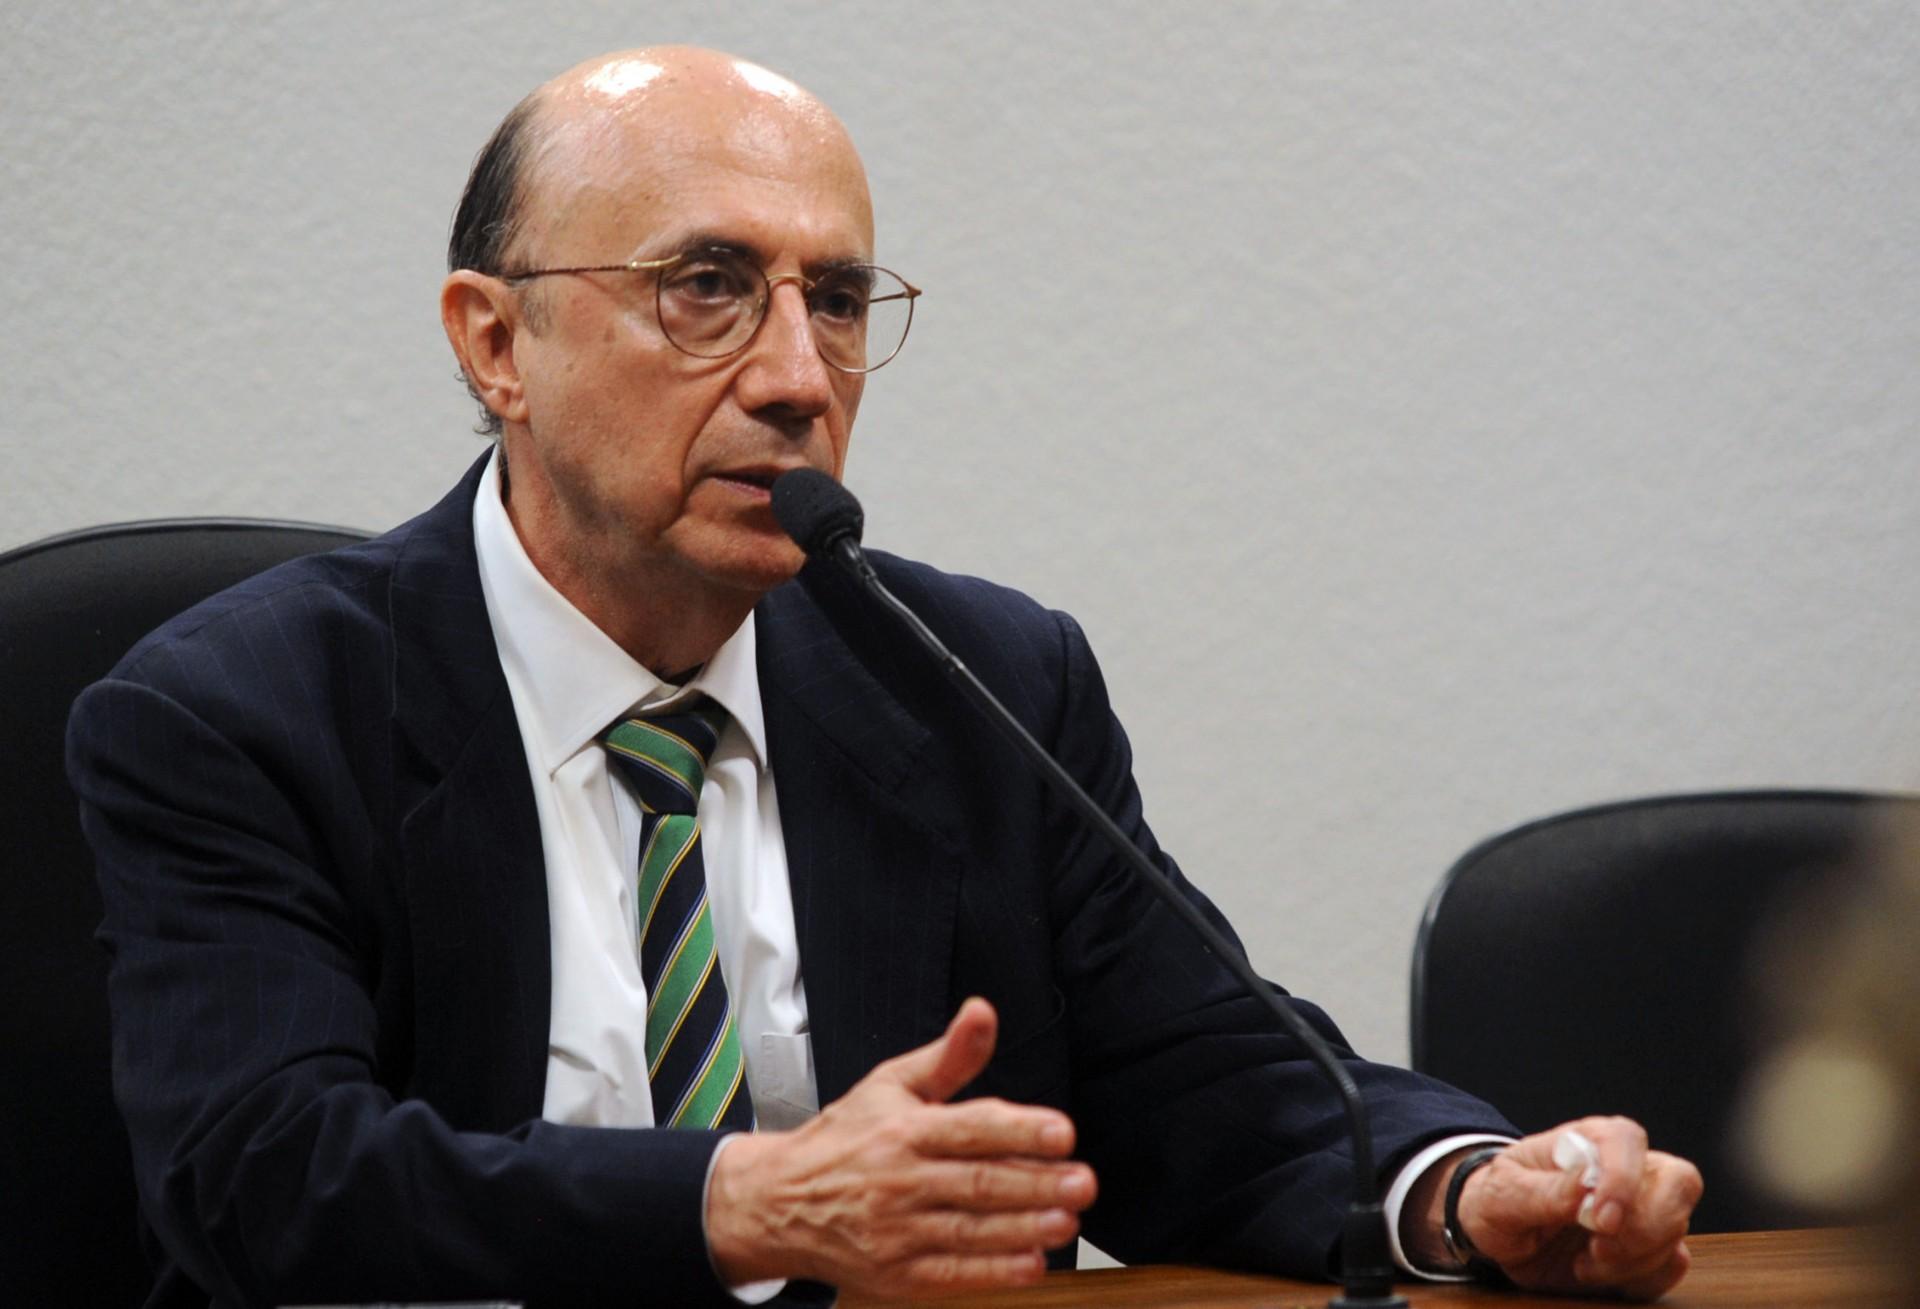 Meirelles diz que não há previsão de ajuda federal a estados em crise